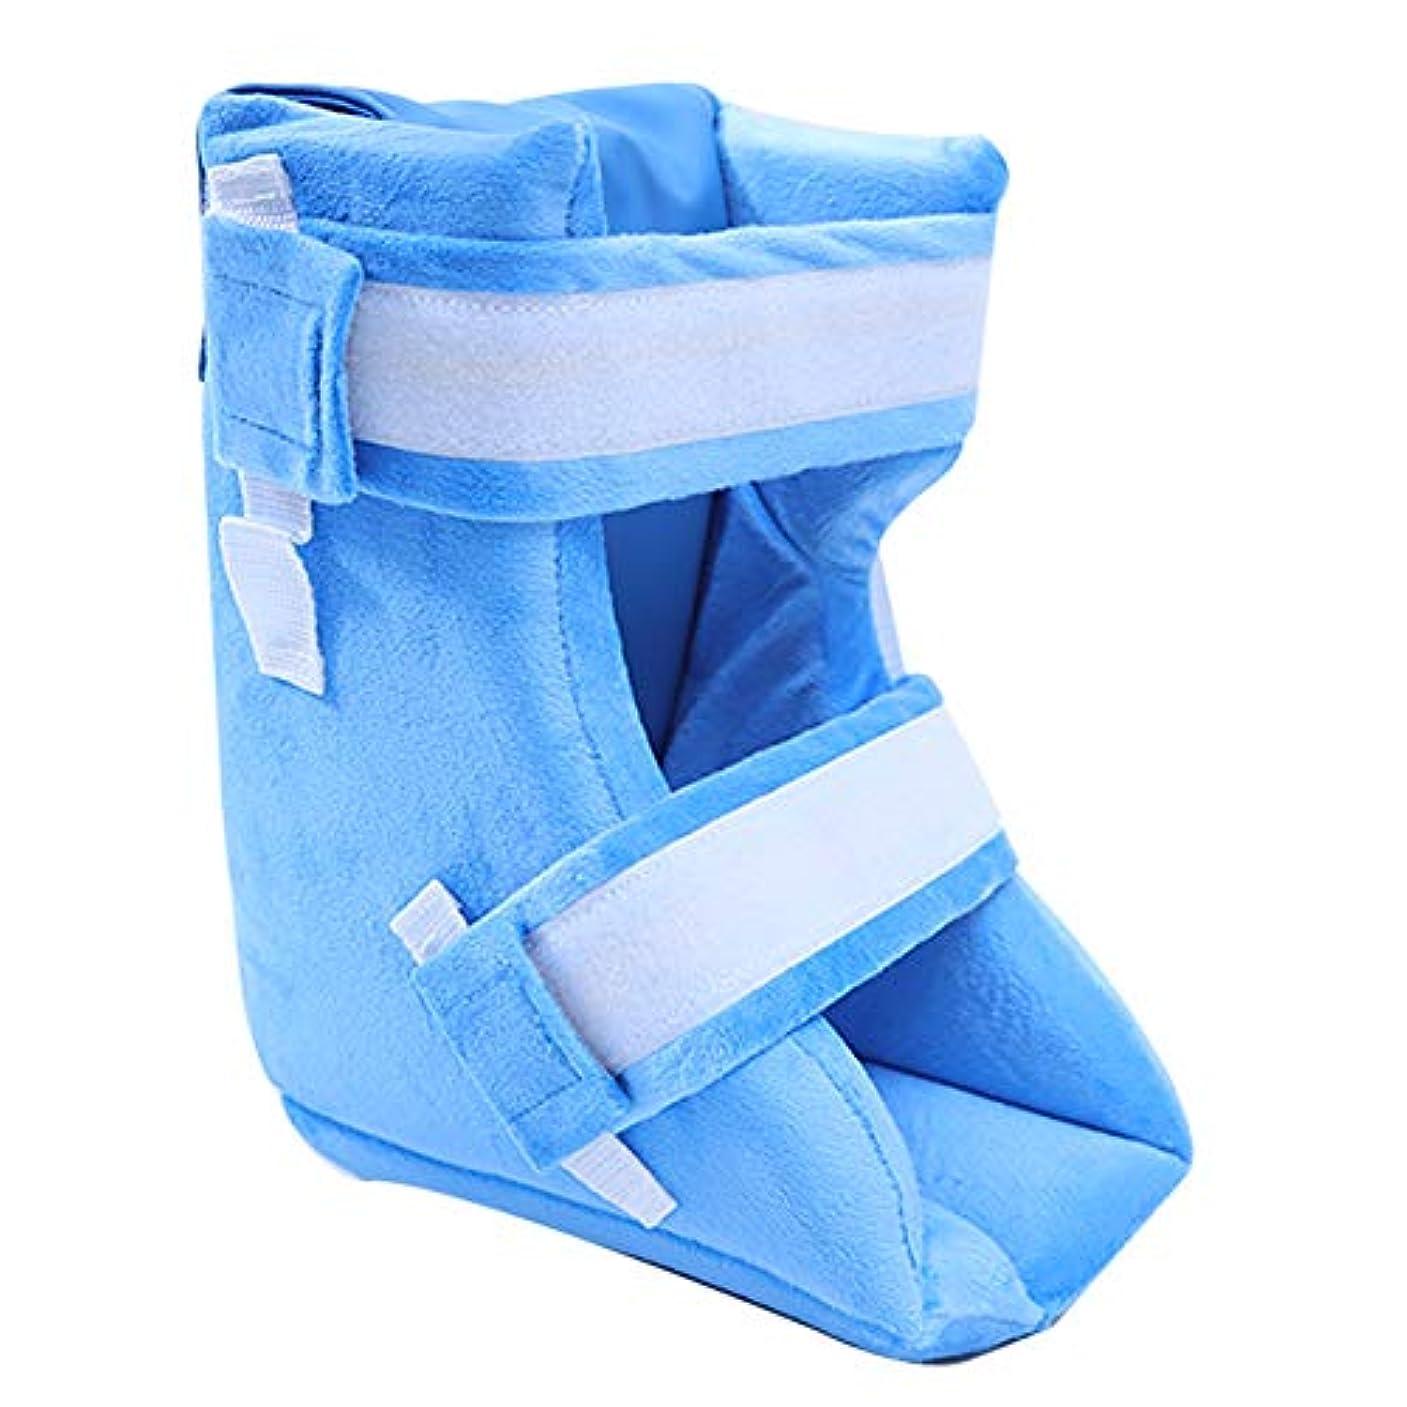 古くなった断片うれしいヒールプロテクター、ベッドの痛みのためのプロテクタークッション、足のエレベーターサポート枕、身に着けているために調節可能で簡単、治癒を促進するために圧力、傷や潰瘍から保護